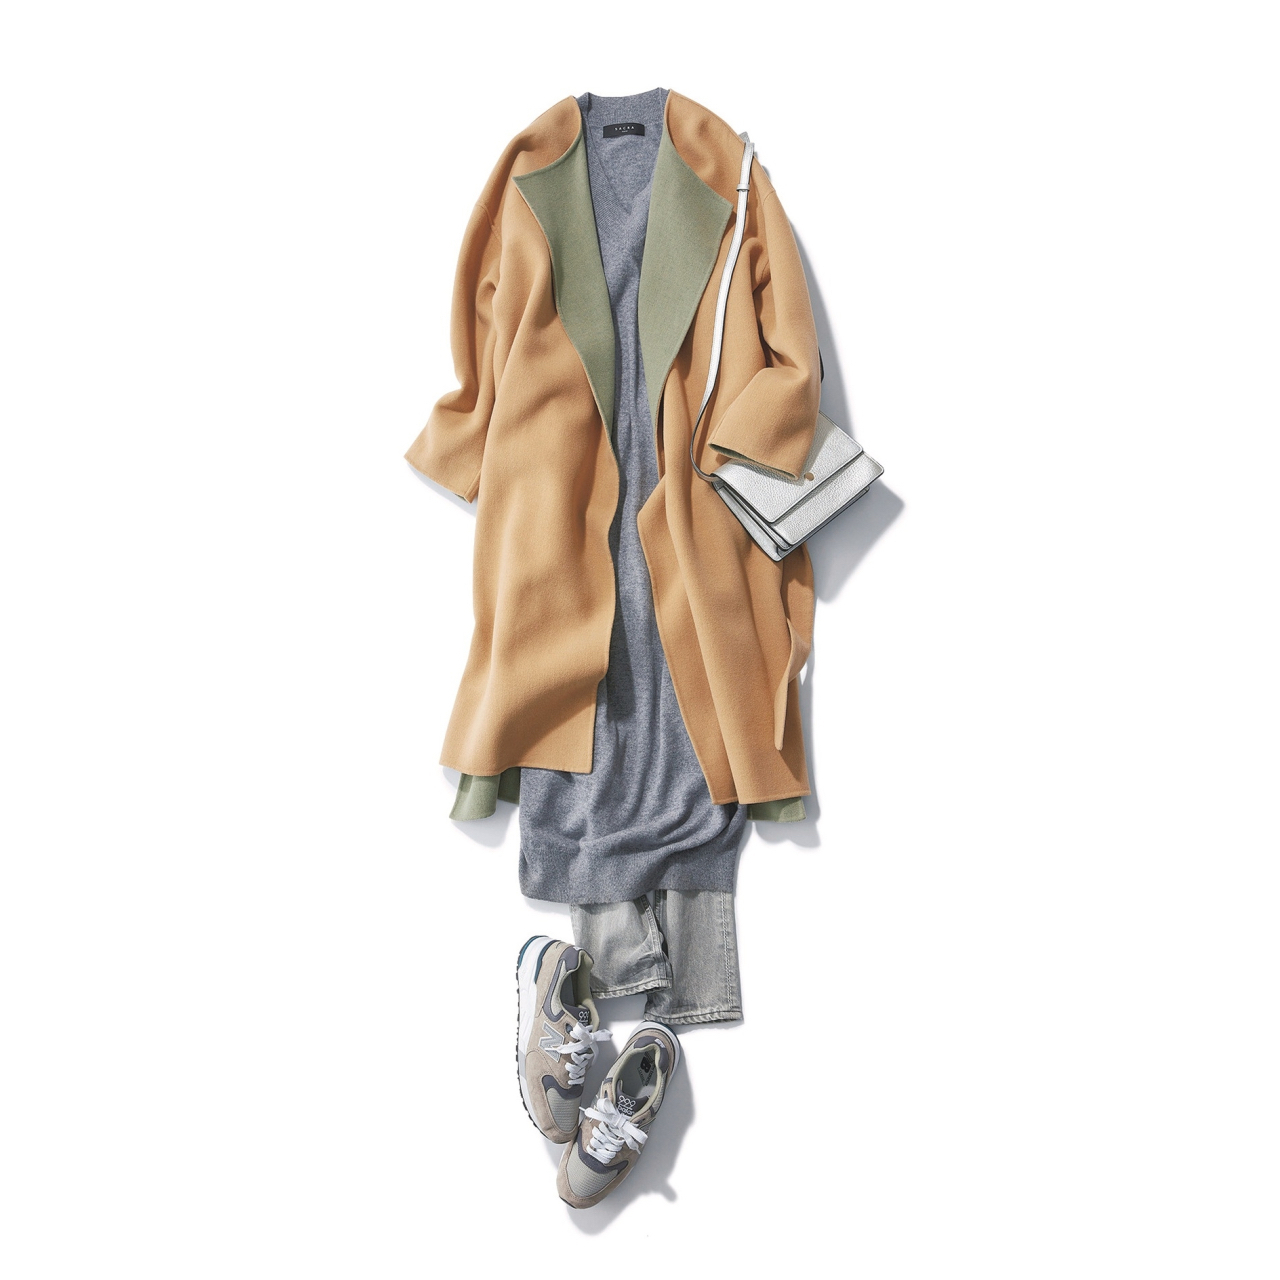 上品なダブルフェイスコート×スニーカーのファッションコーデ